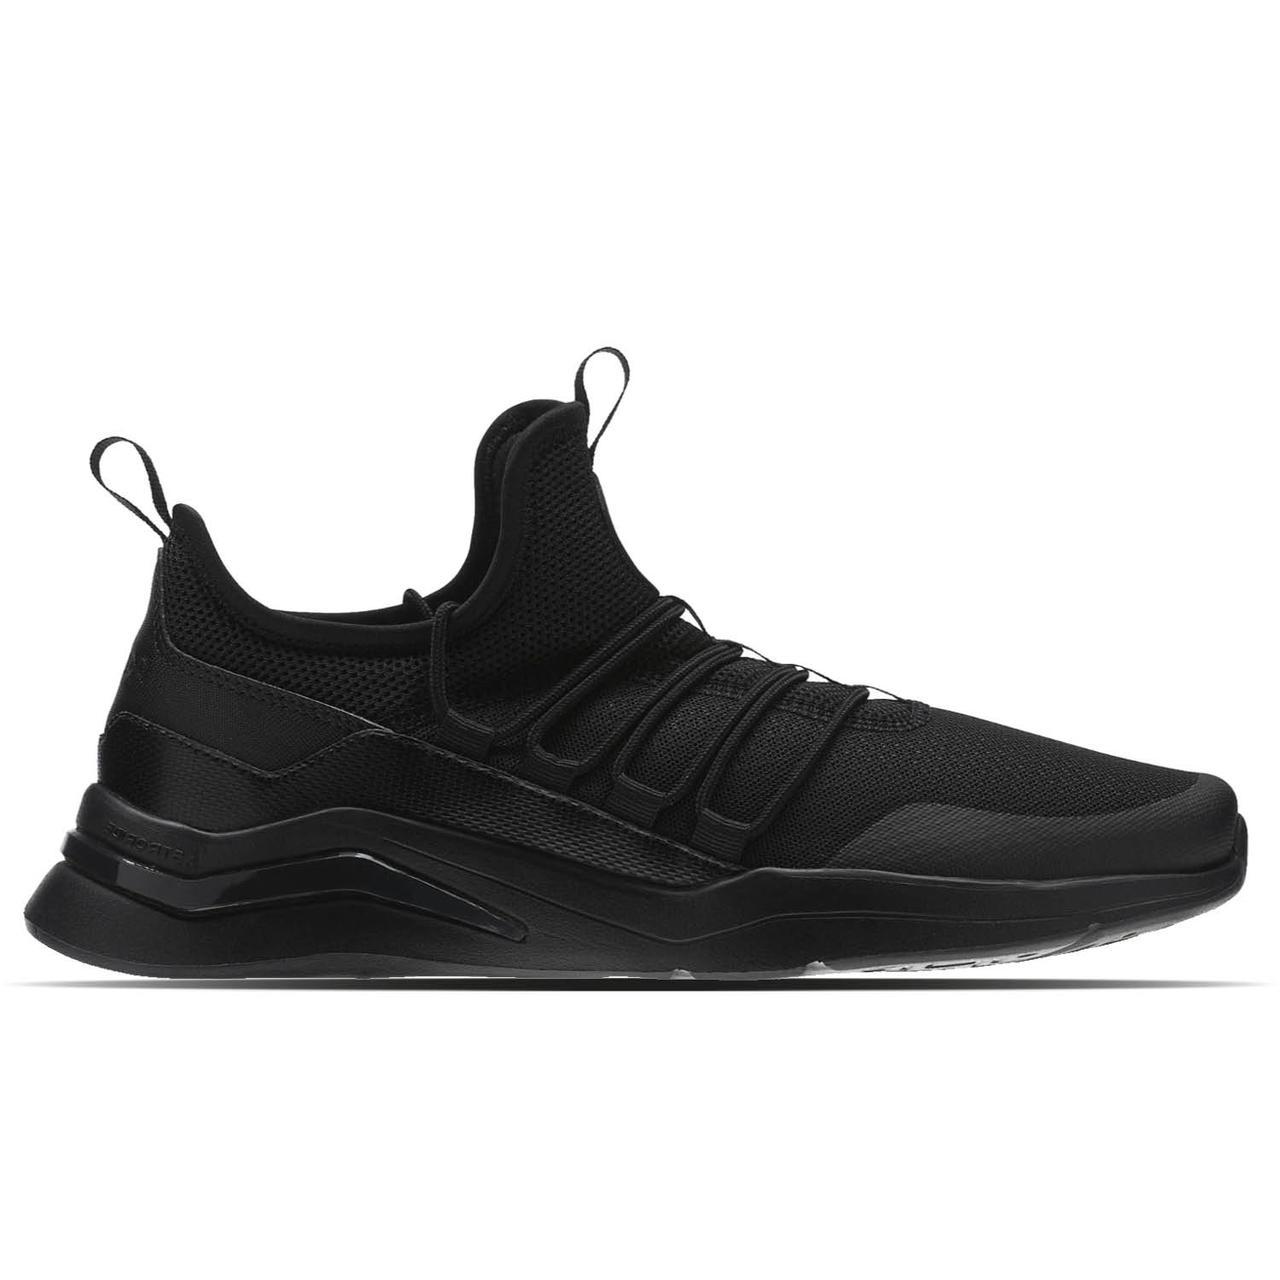 Оригинальные кроссовки Reebok Classic Royal Astrostorm - Sport-Sneakers - Оригинальные  кроссовки - Sneakerhead UA a32a65c358a